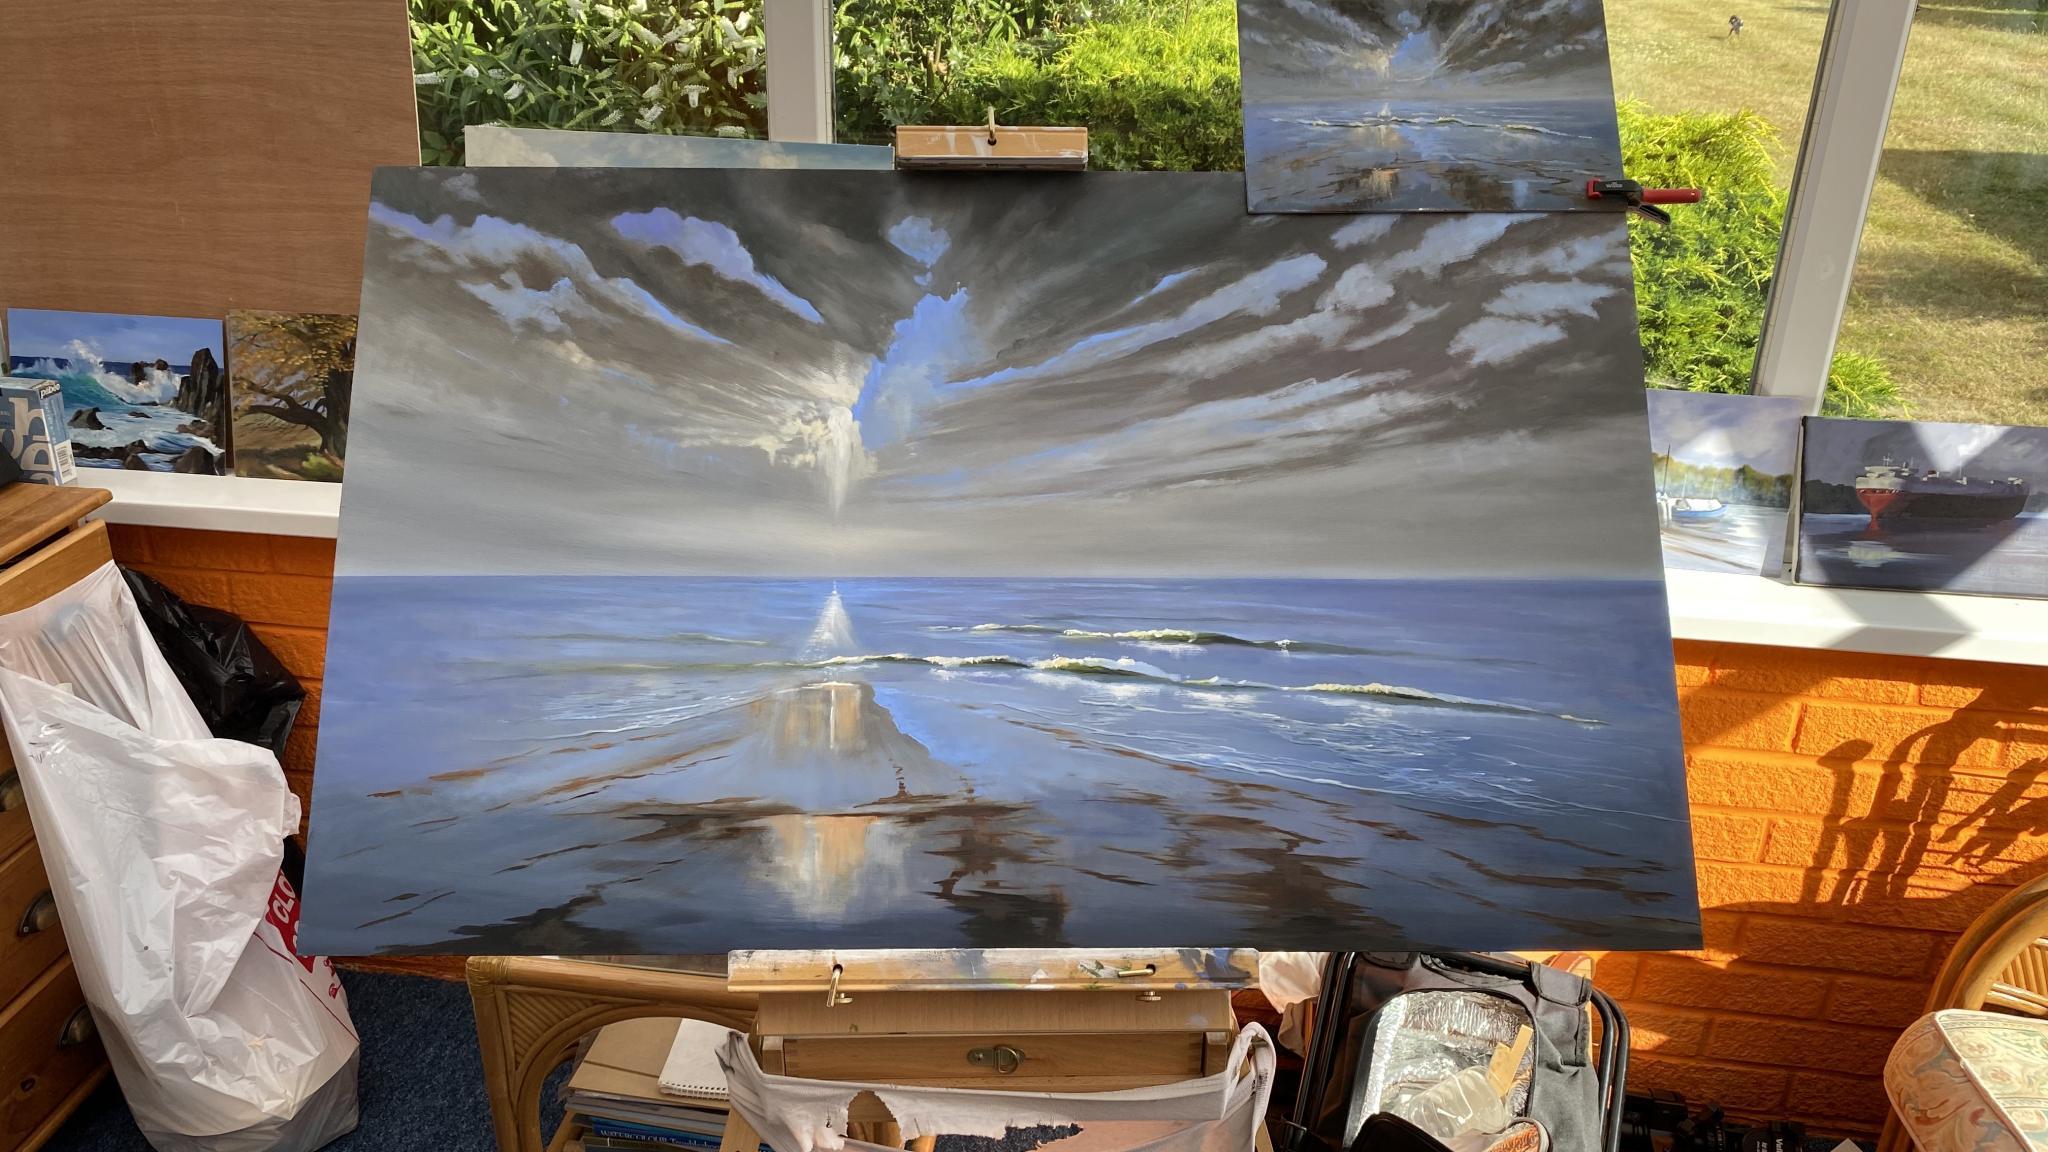 Post YOUR artwork here, cmon !!-e858030d-0cbf-4561-94c8-898d9bc88390-jpg